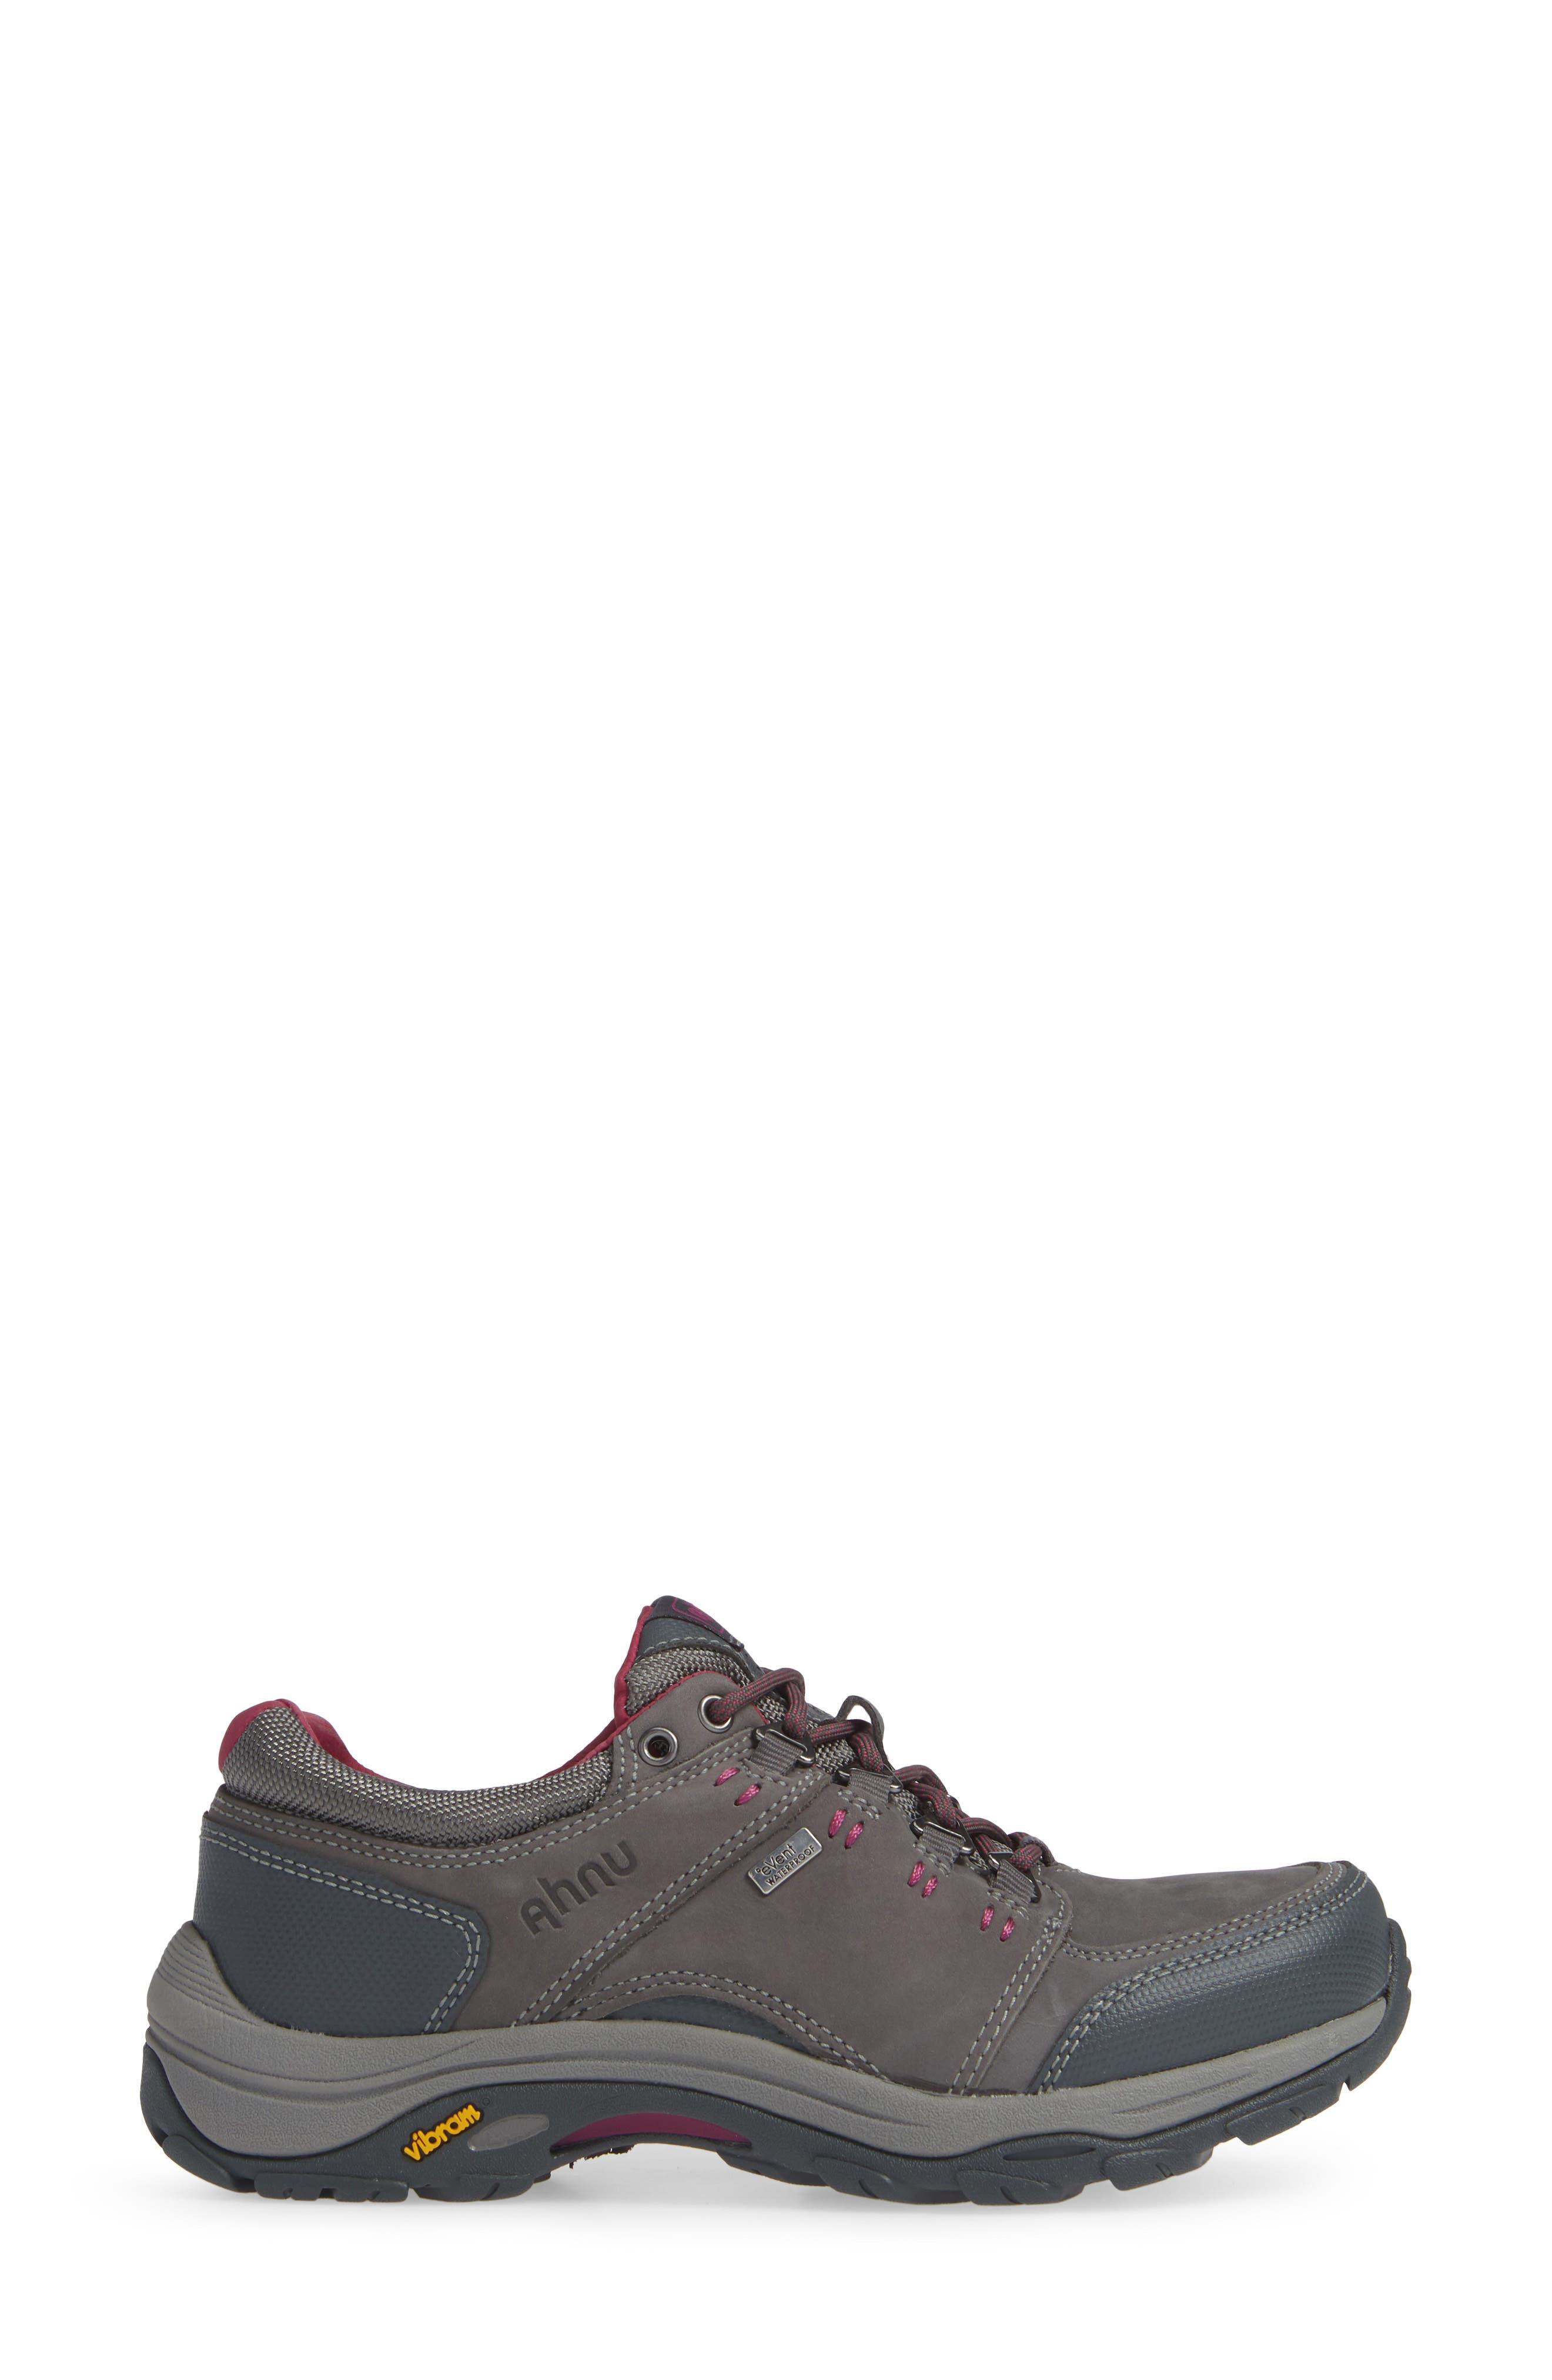 TEVA,                             Ahnu by Teva Montara III Waterproof Hiking Sneaker,                             Alternate thumbnail 3, color,                             CHARCOAL GRAY NUBUCK LEATHER